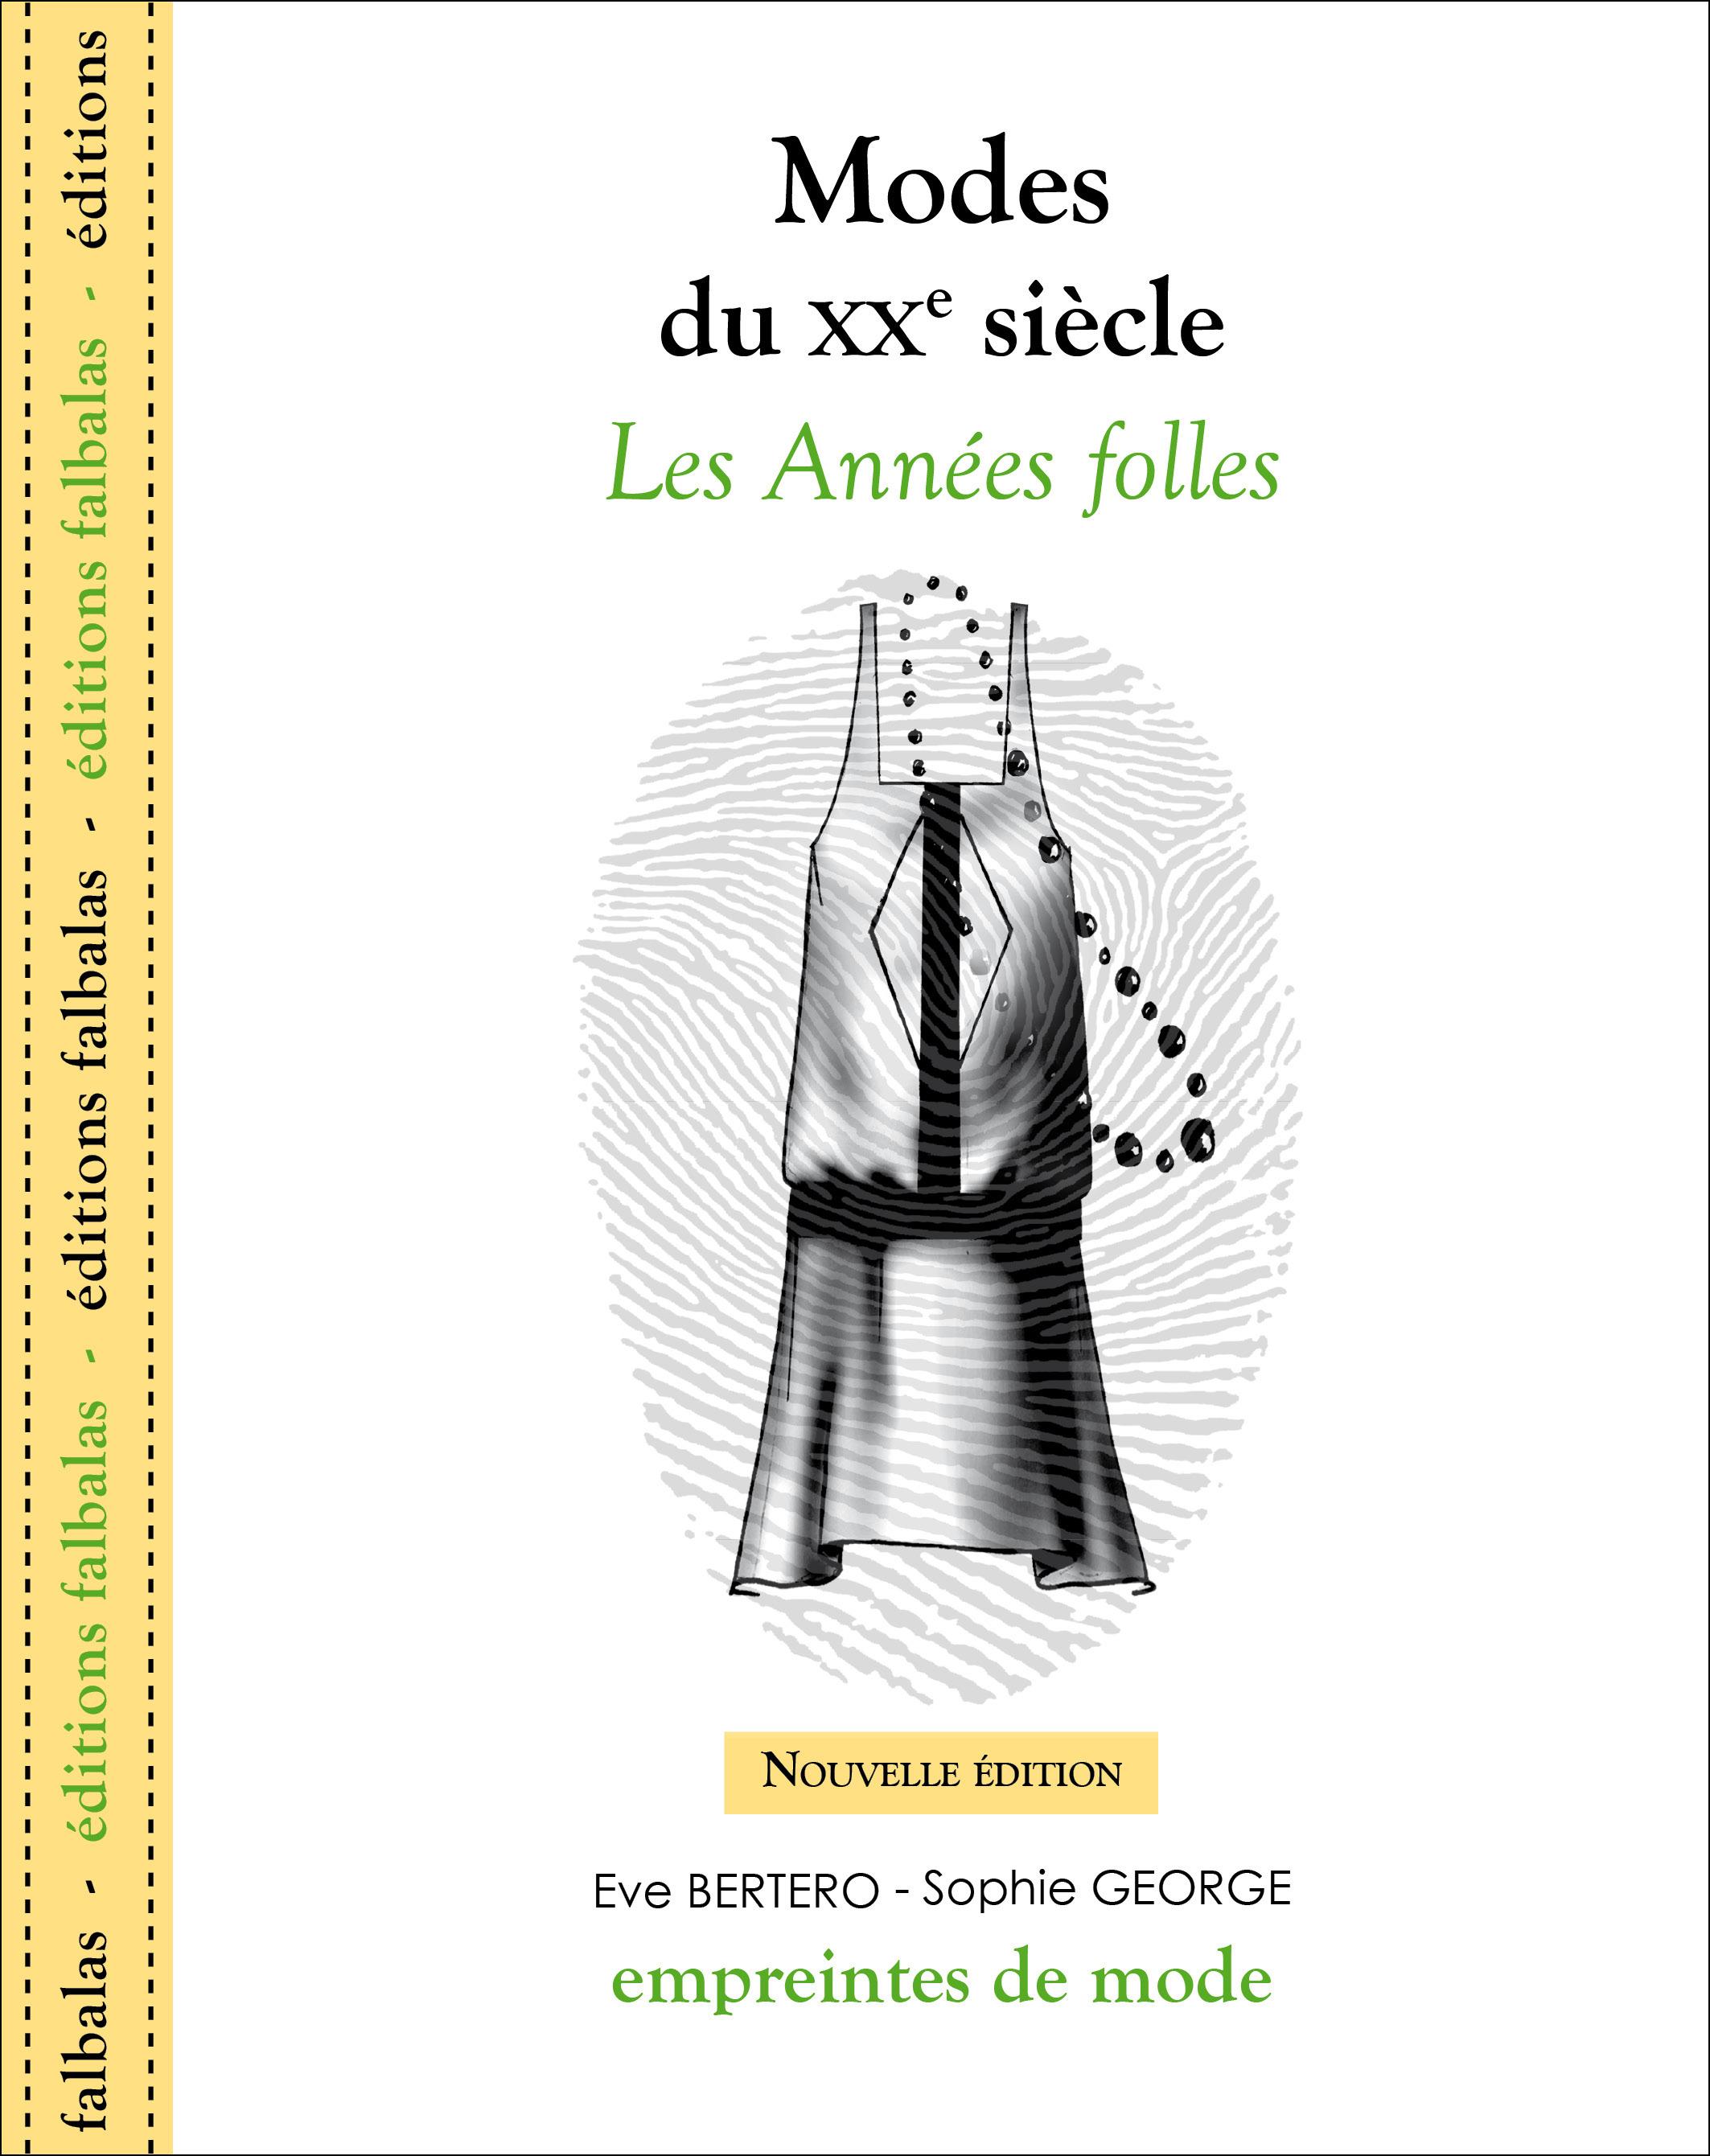 MODES DU XXE SIECLE - LES ANNEES FOLLES - NLLE ED